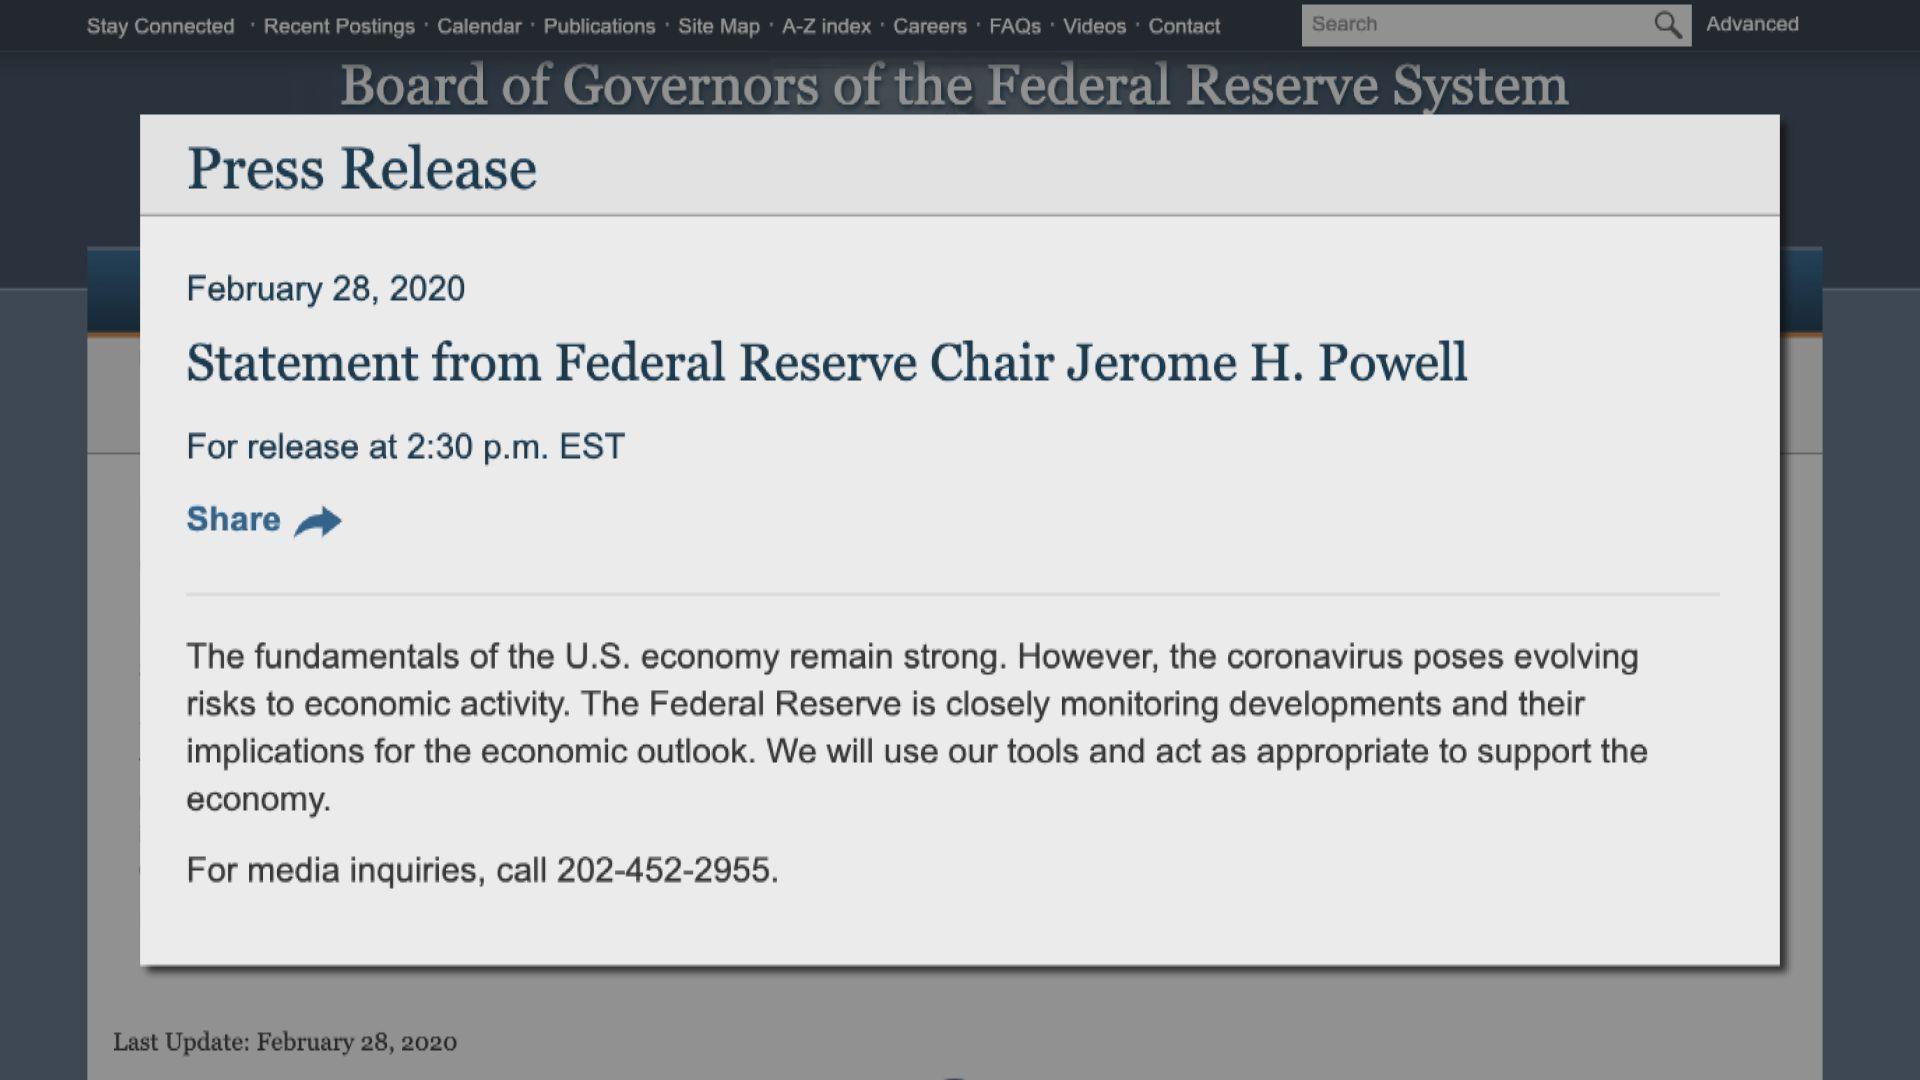 鮑威爾:正密切監察疫情 將適當採取行動支持經濟